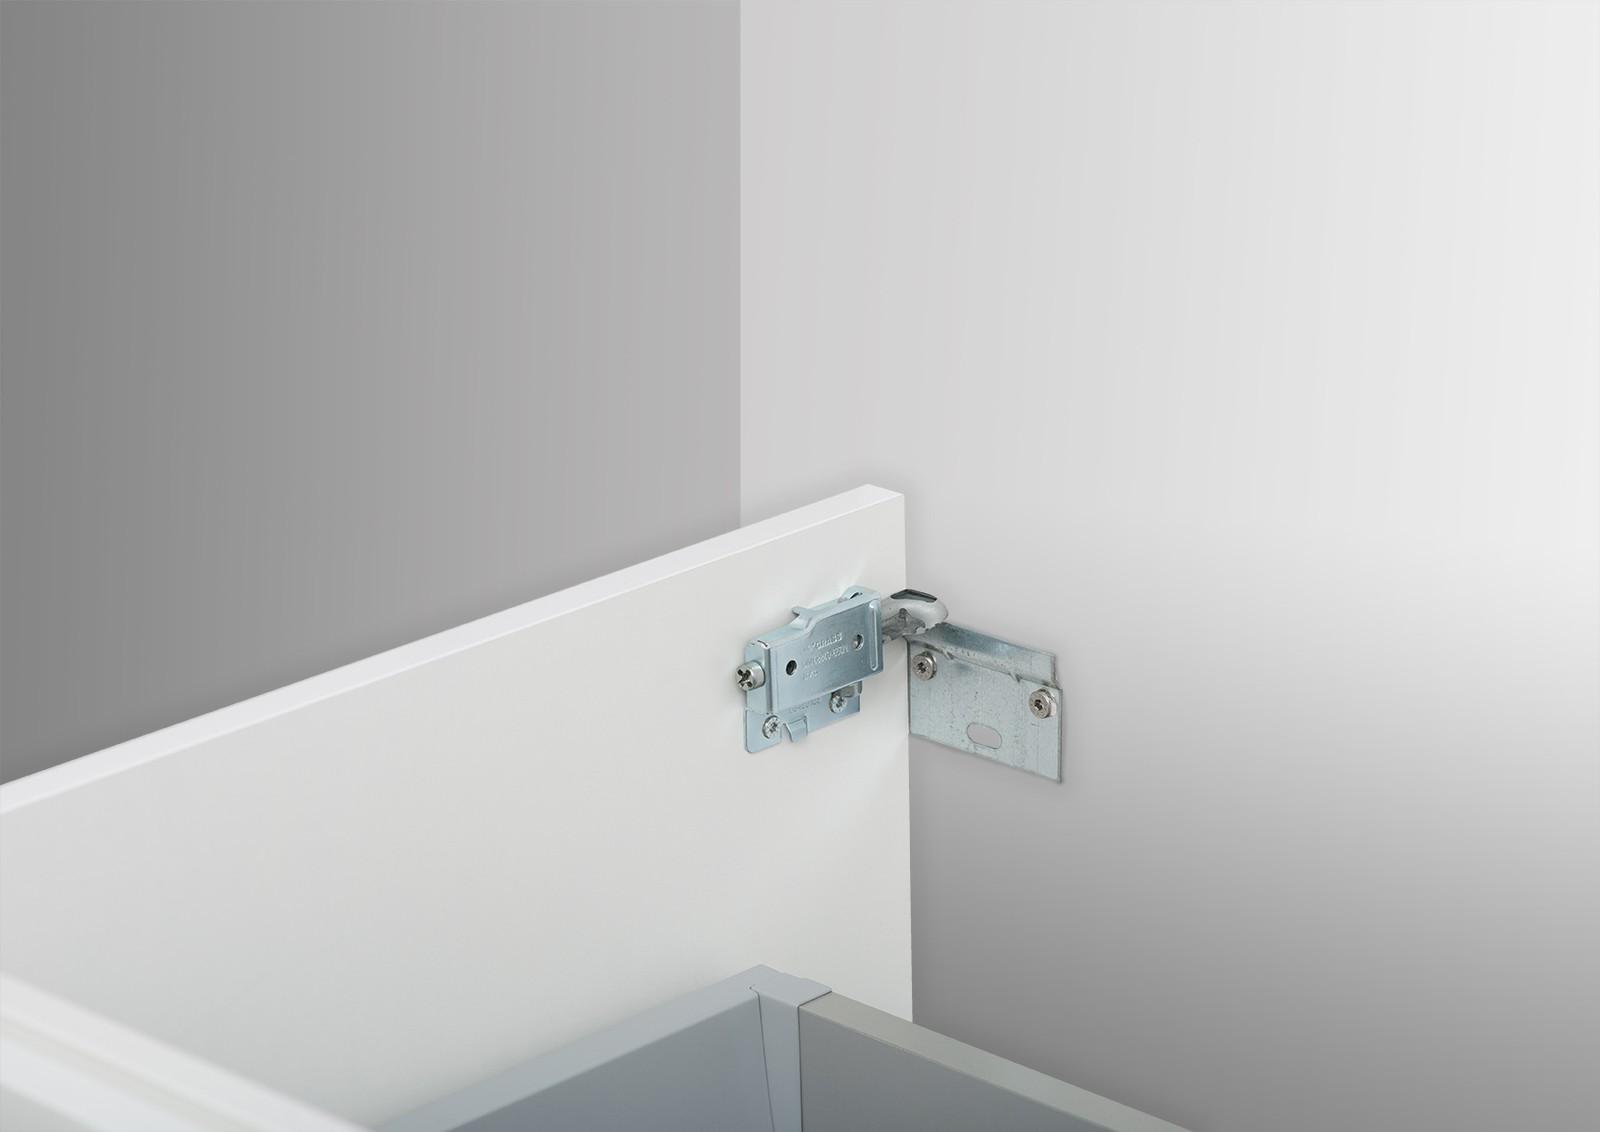 unterschrank zu villeroy boch subway 2 0 130 cm doppelwaschtisch waschbeckenunterschrank 1008. Black Bedroom Furniture Sets. Home Design Ideas